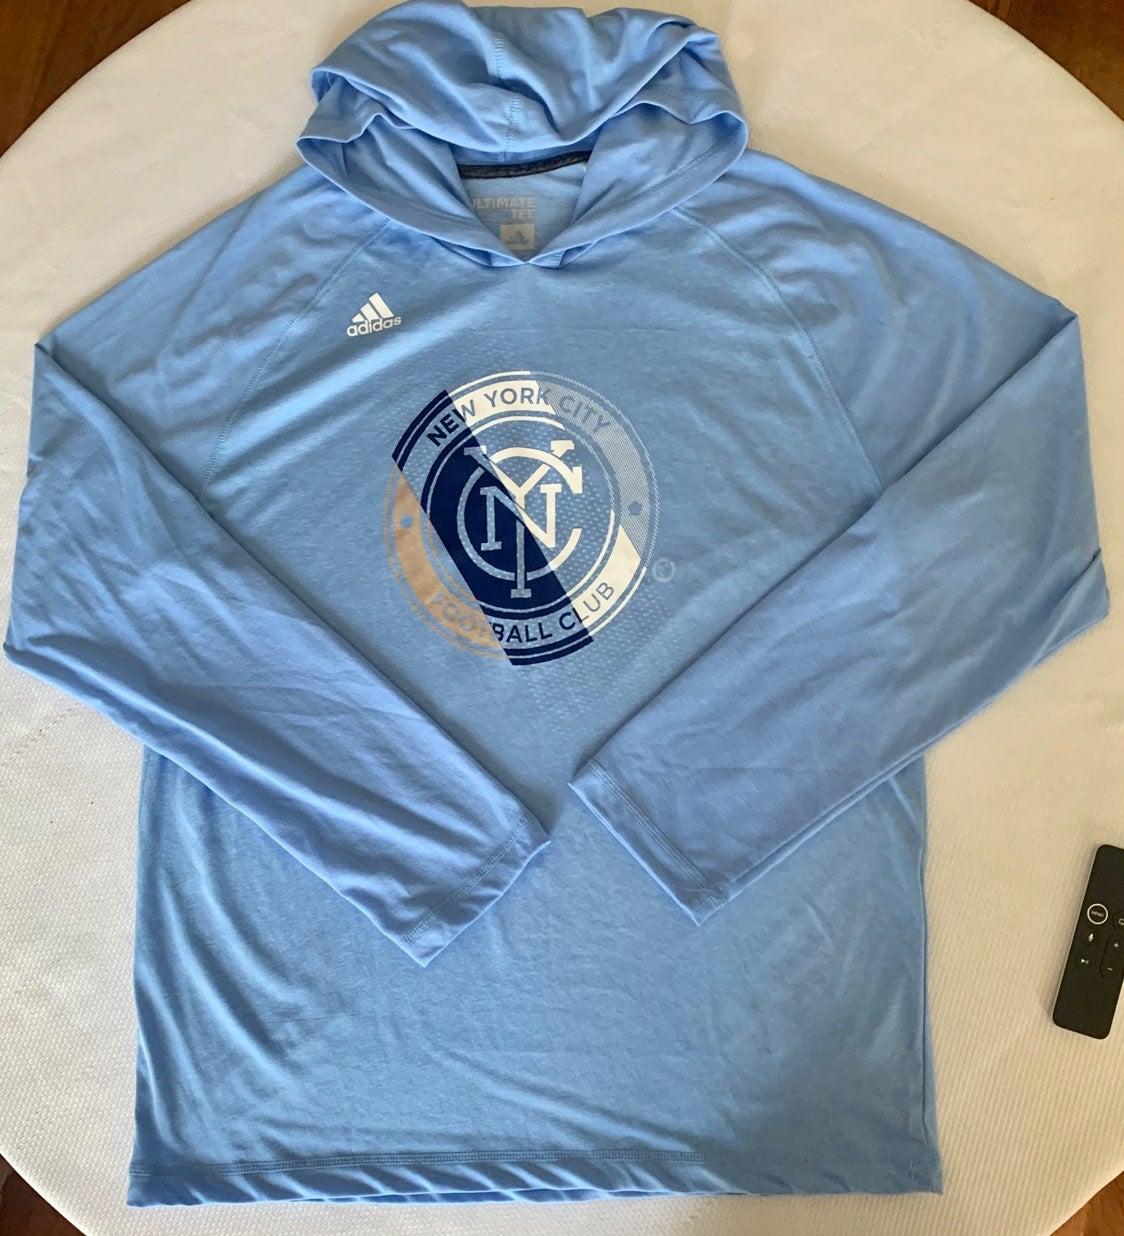 Adidas NYC football club t-shirt